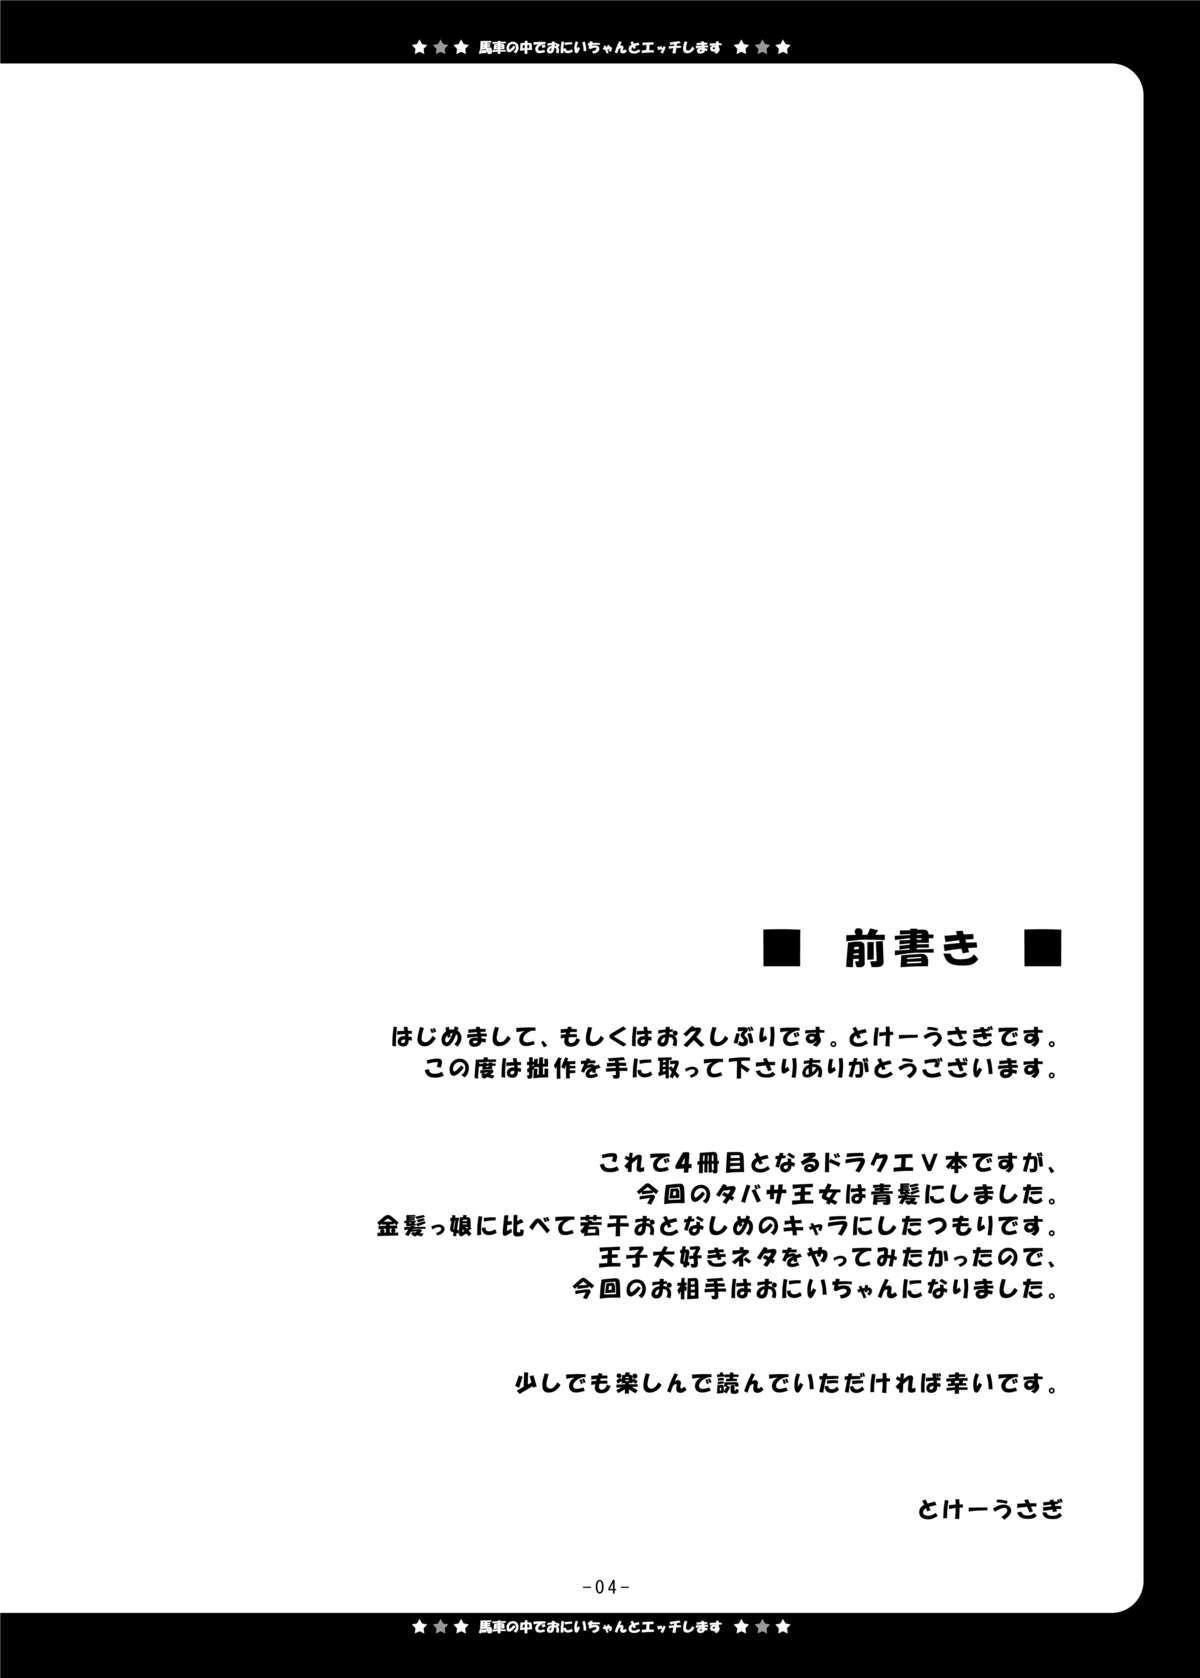 Basha no Naka de Onii-chan to Ecchi Shimasu 3